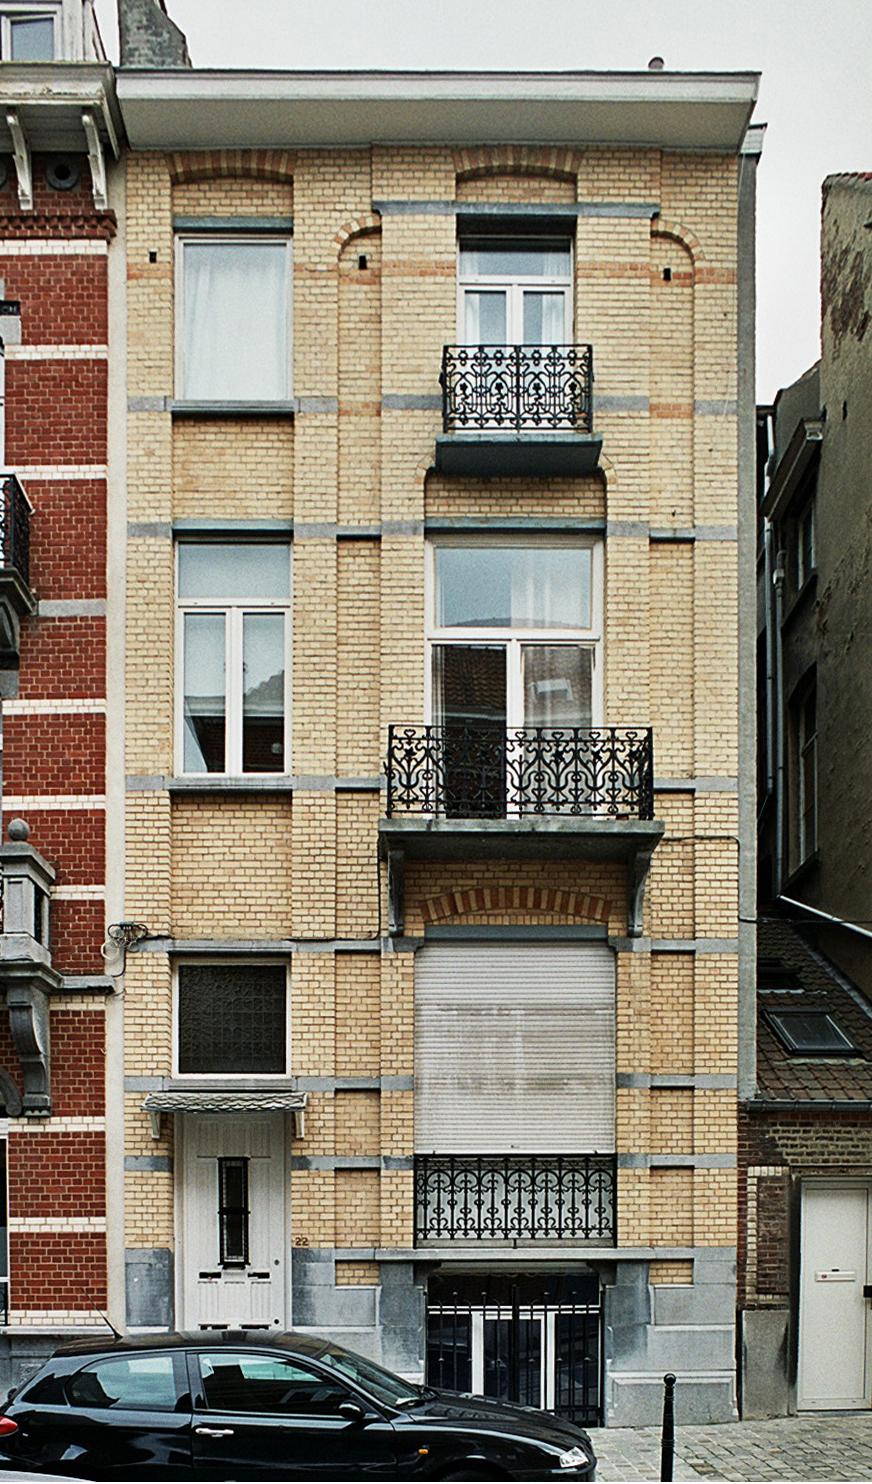 Rue Van Ostade 22., 2009